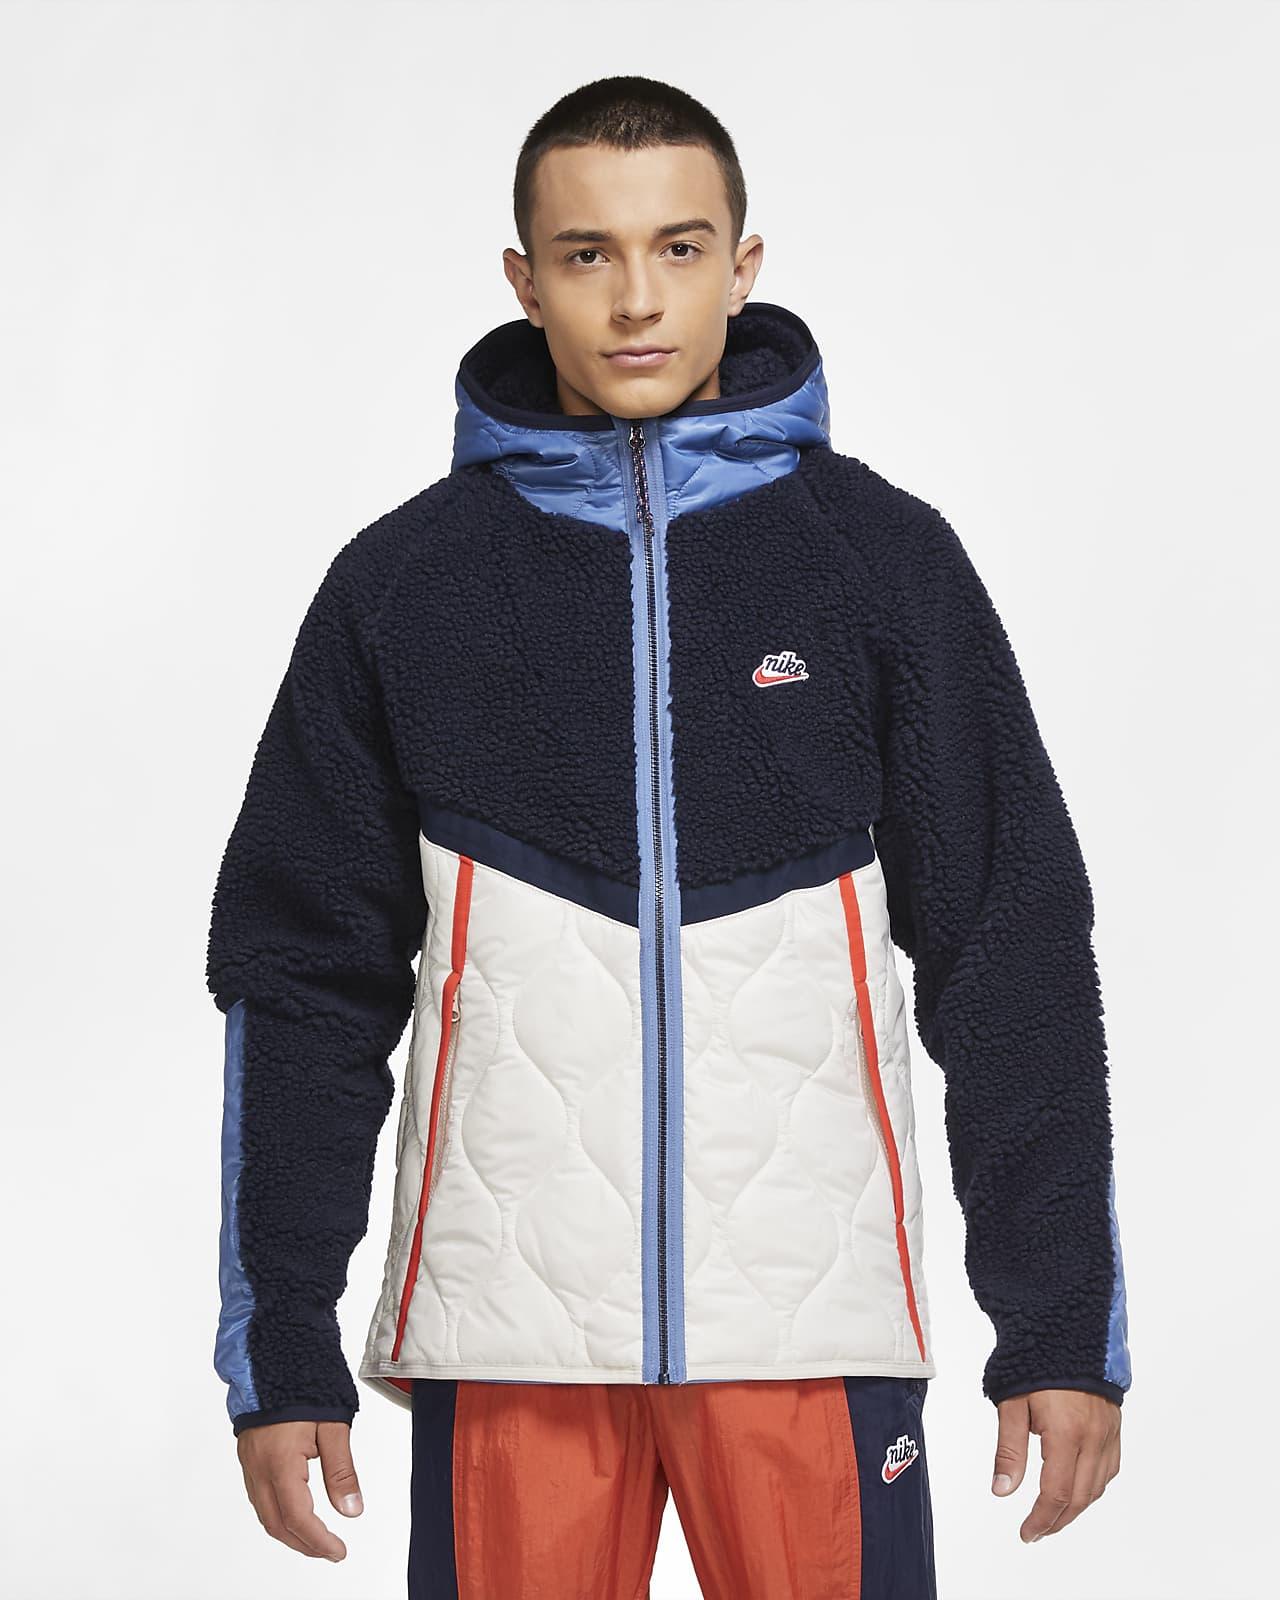 Nike Sportswear Heritage Men's Jacket